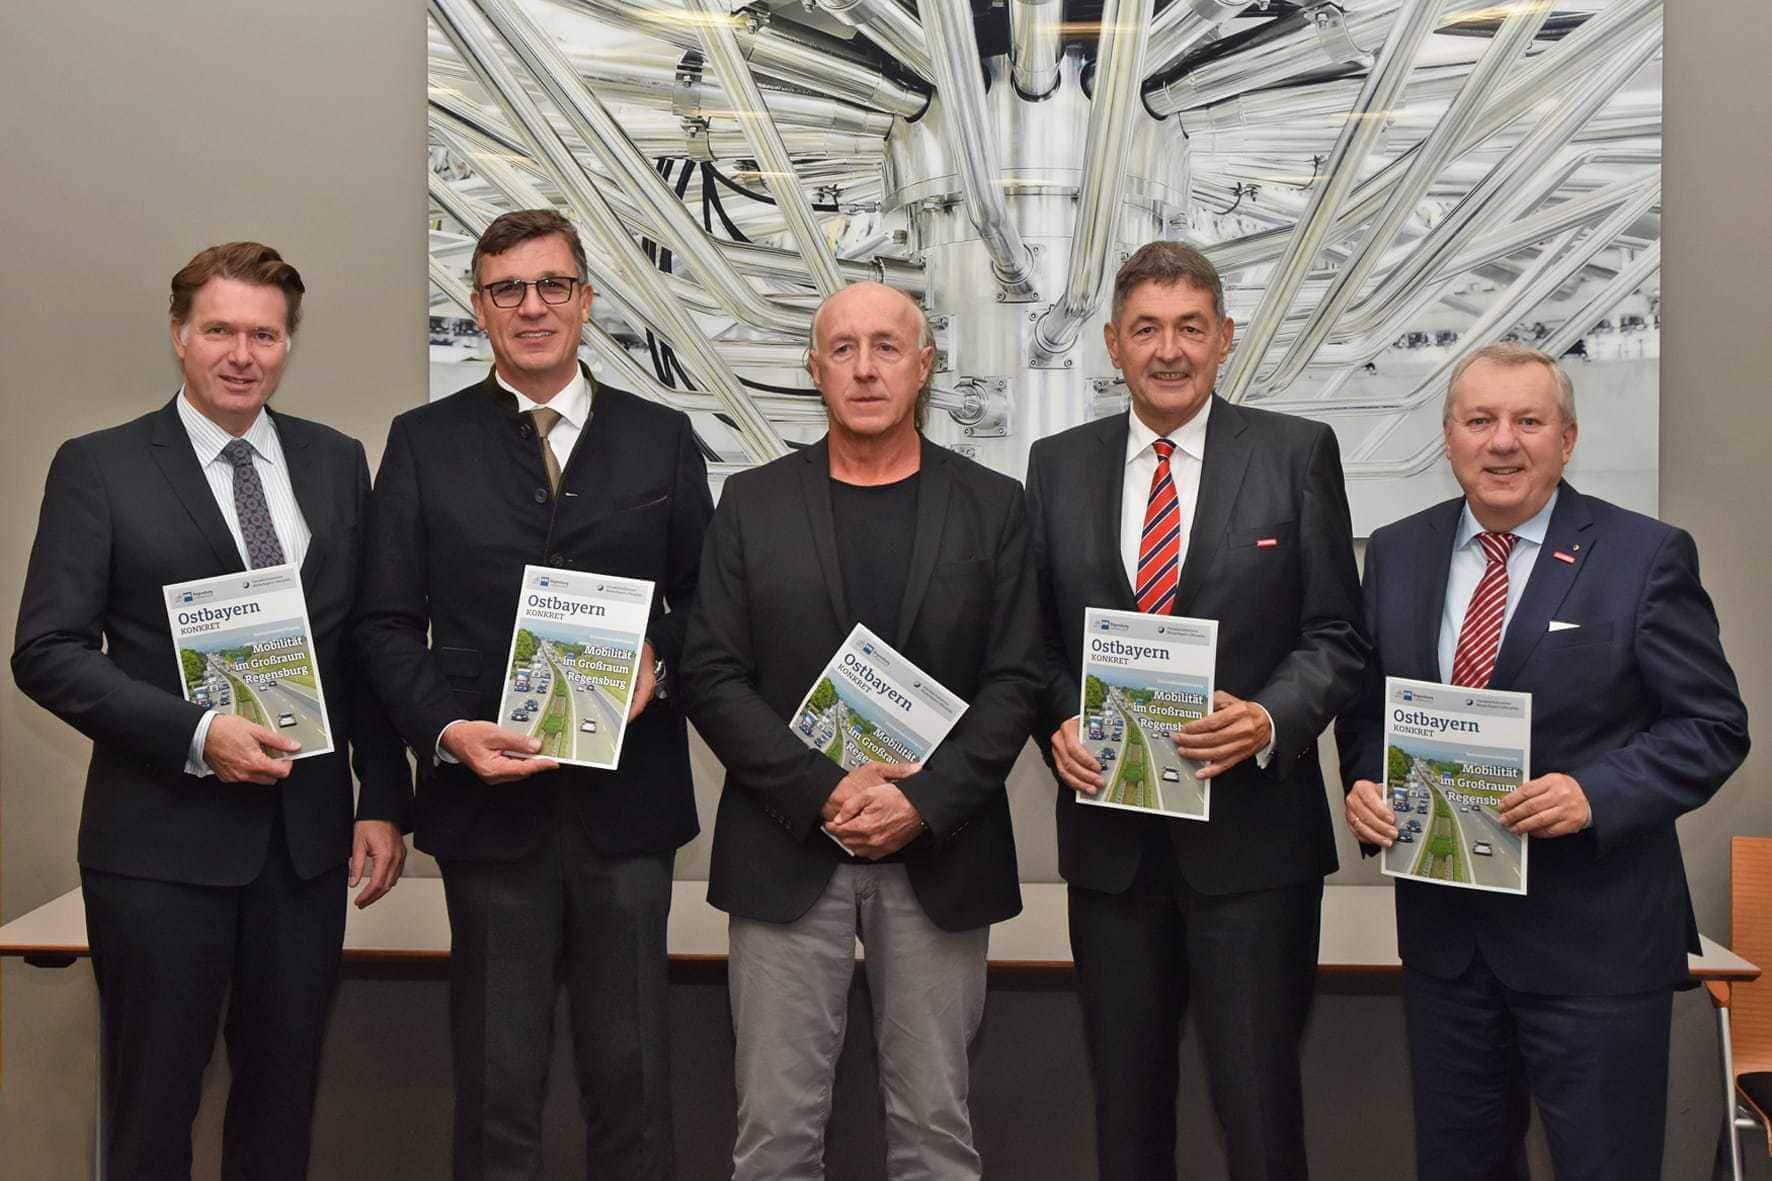 Umfrage von IHK und Handwerkskammer bei 1.000 Betrieben zeigt Handlungsbedarf im Großraum Regensburg Damit der Verkehr wieder fließt